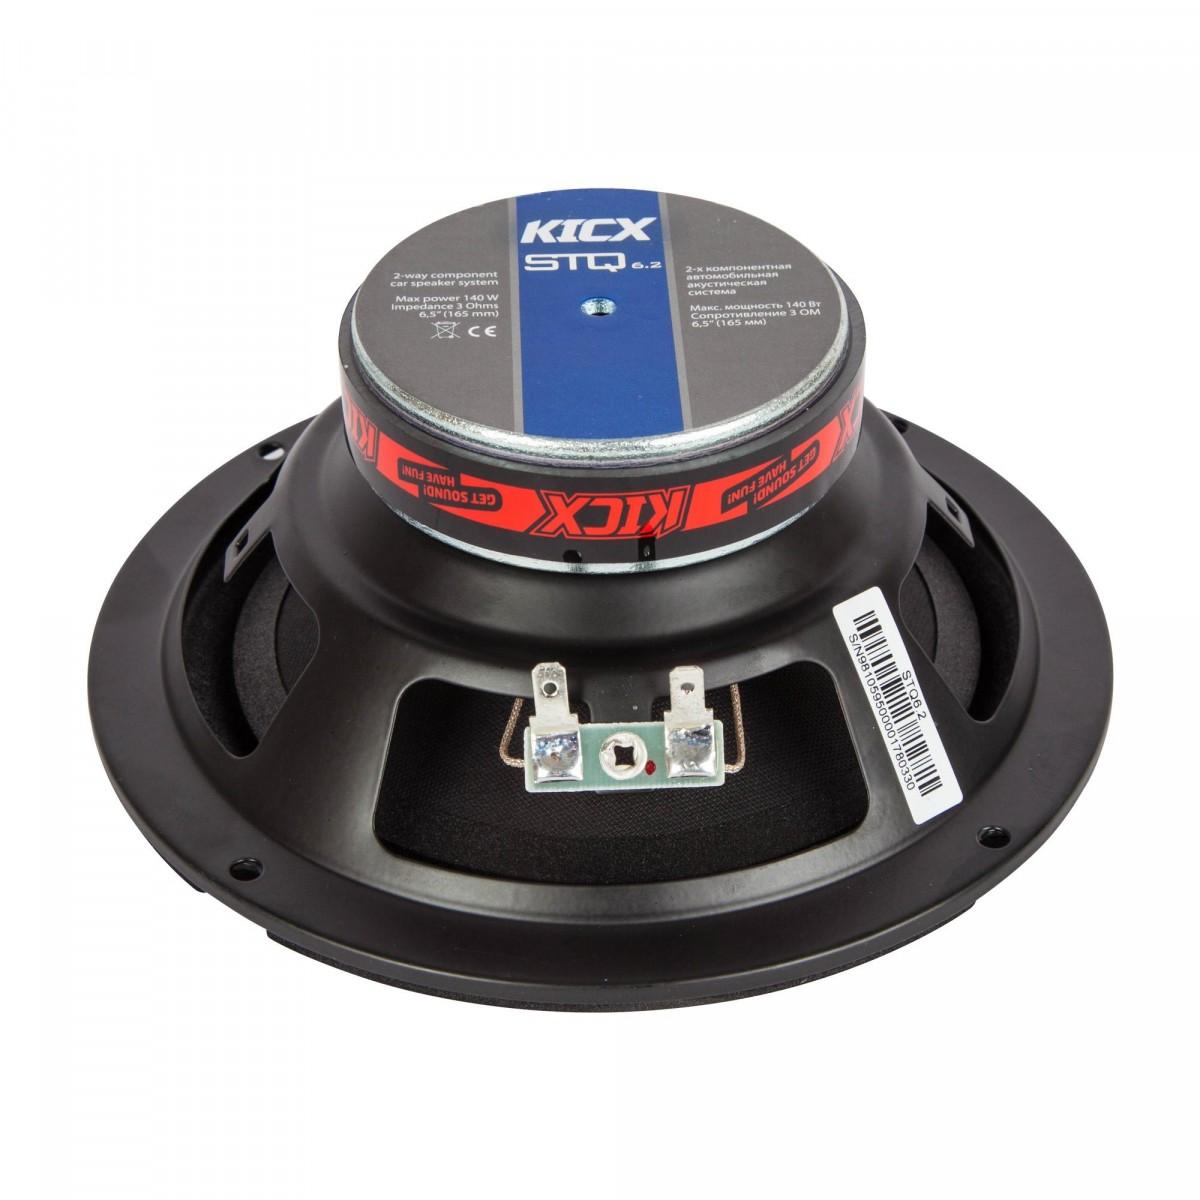 Компонентная акустика Kicx STQ 6.2